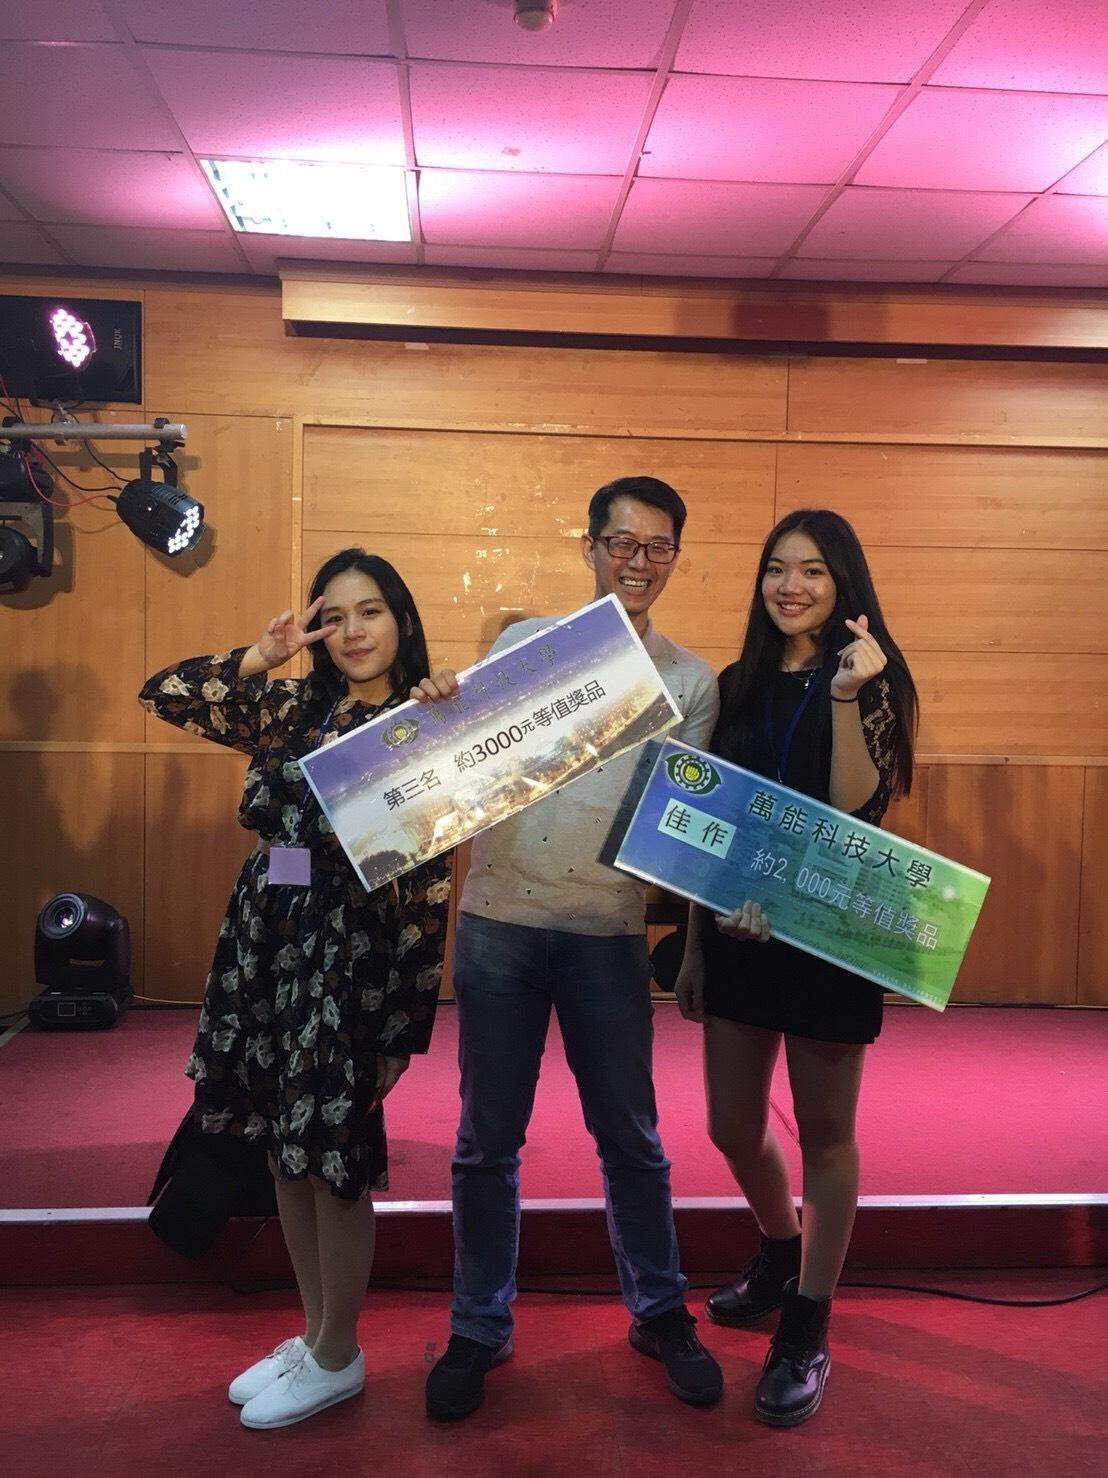 2017萬能盃全國技專校院英語歌唱比賽應用外語科4年2班吳思圓同學榮獲第三名,4年2班柯詩婷同學榮獲佳作!